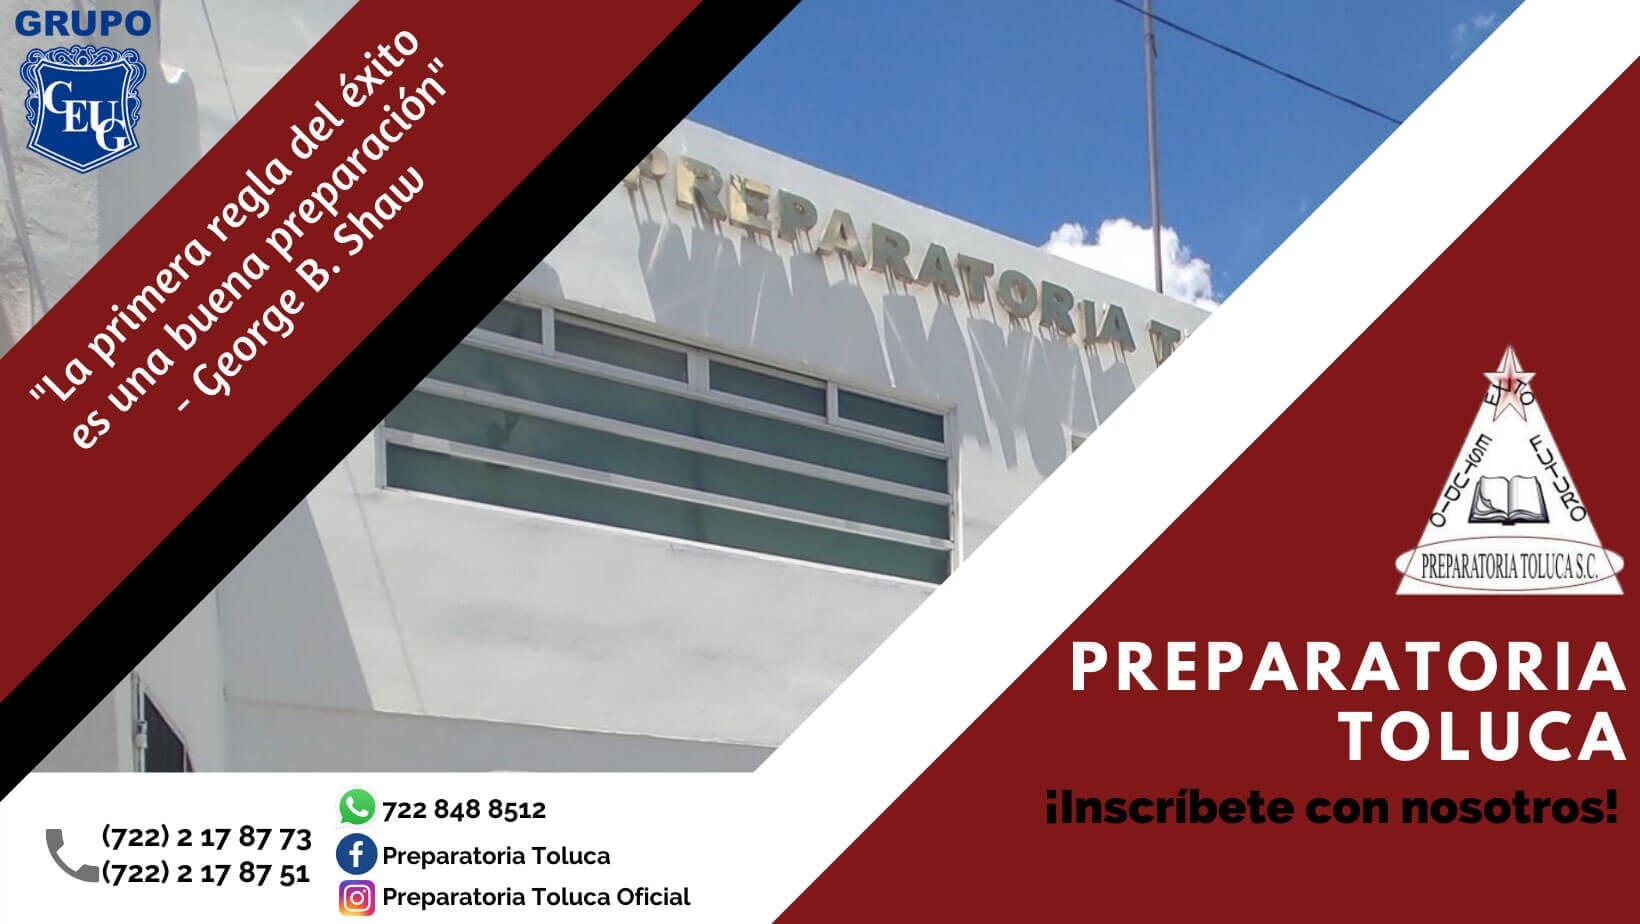 PREPARATORIA TOLUCA SC - INSCRIBETE-CON-NOSOTROS